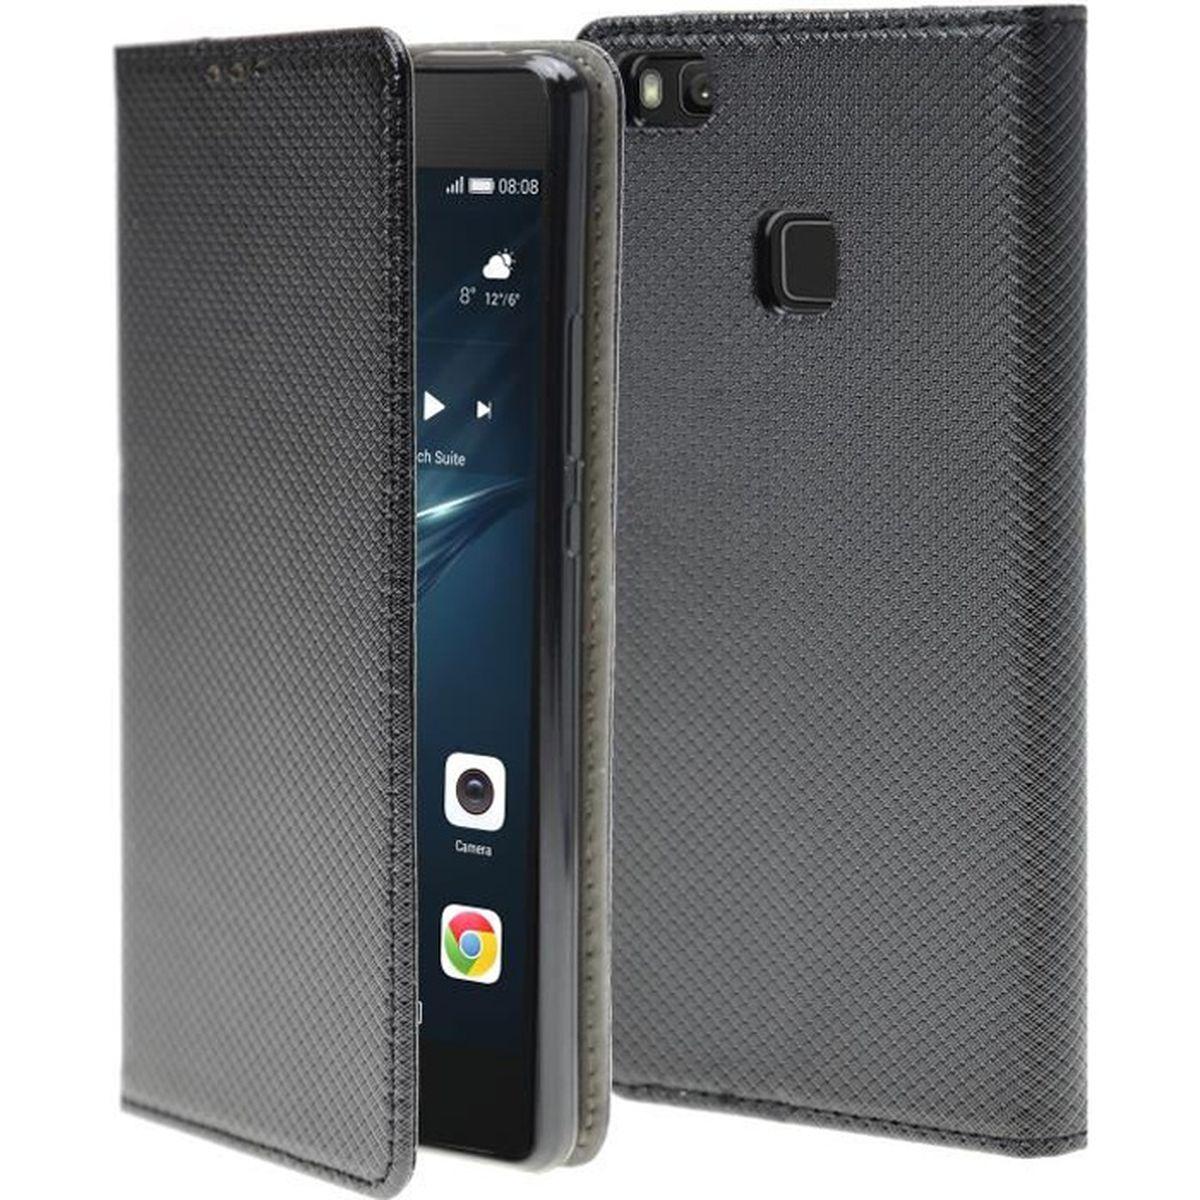 Supporter Portefeuille Flip PU Cuir Couverture Housse Coque Etui pour Huawei P9 Lite avec Cr/édit Carte Tenant Fente A-03 Dooki Huawei P9 Lite Coque